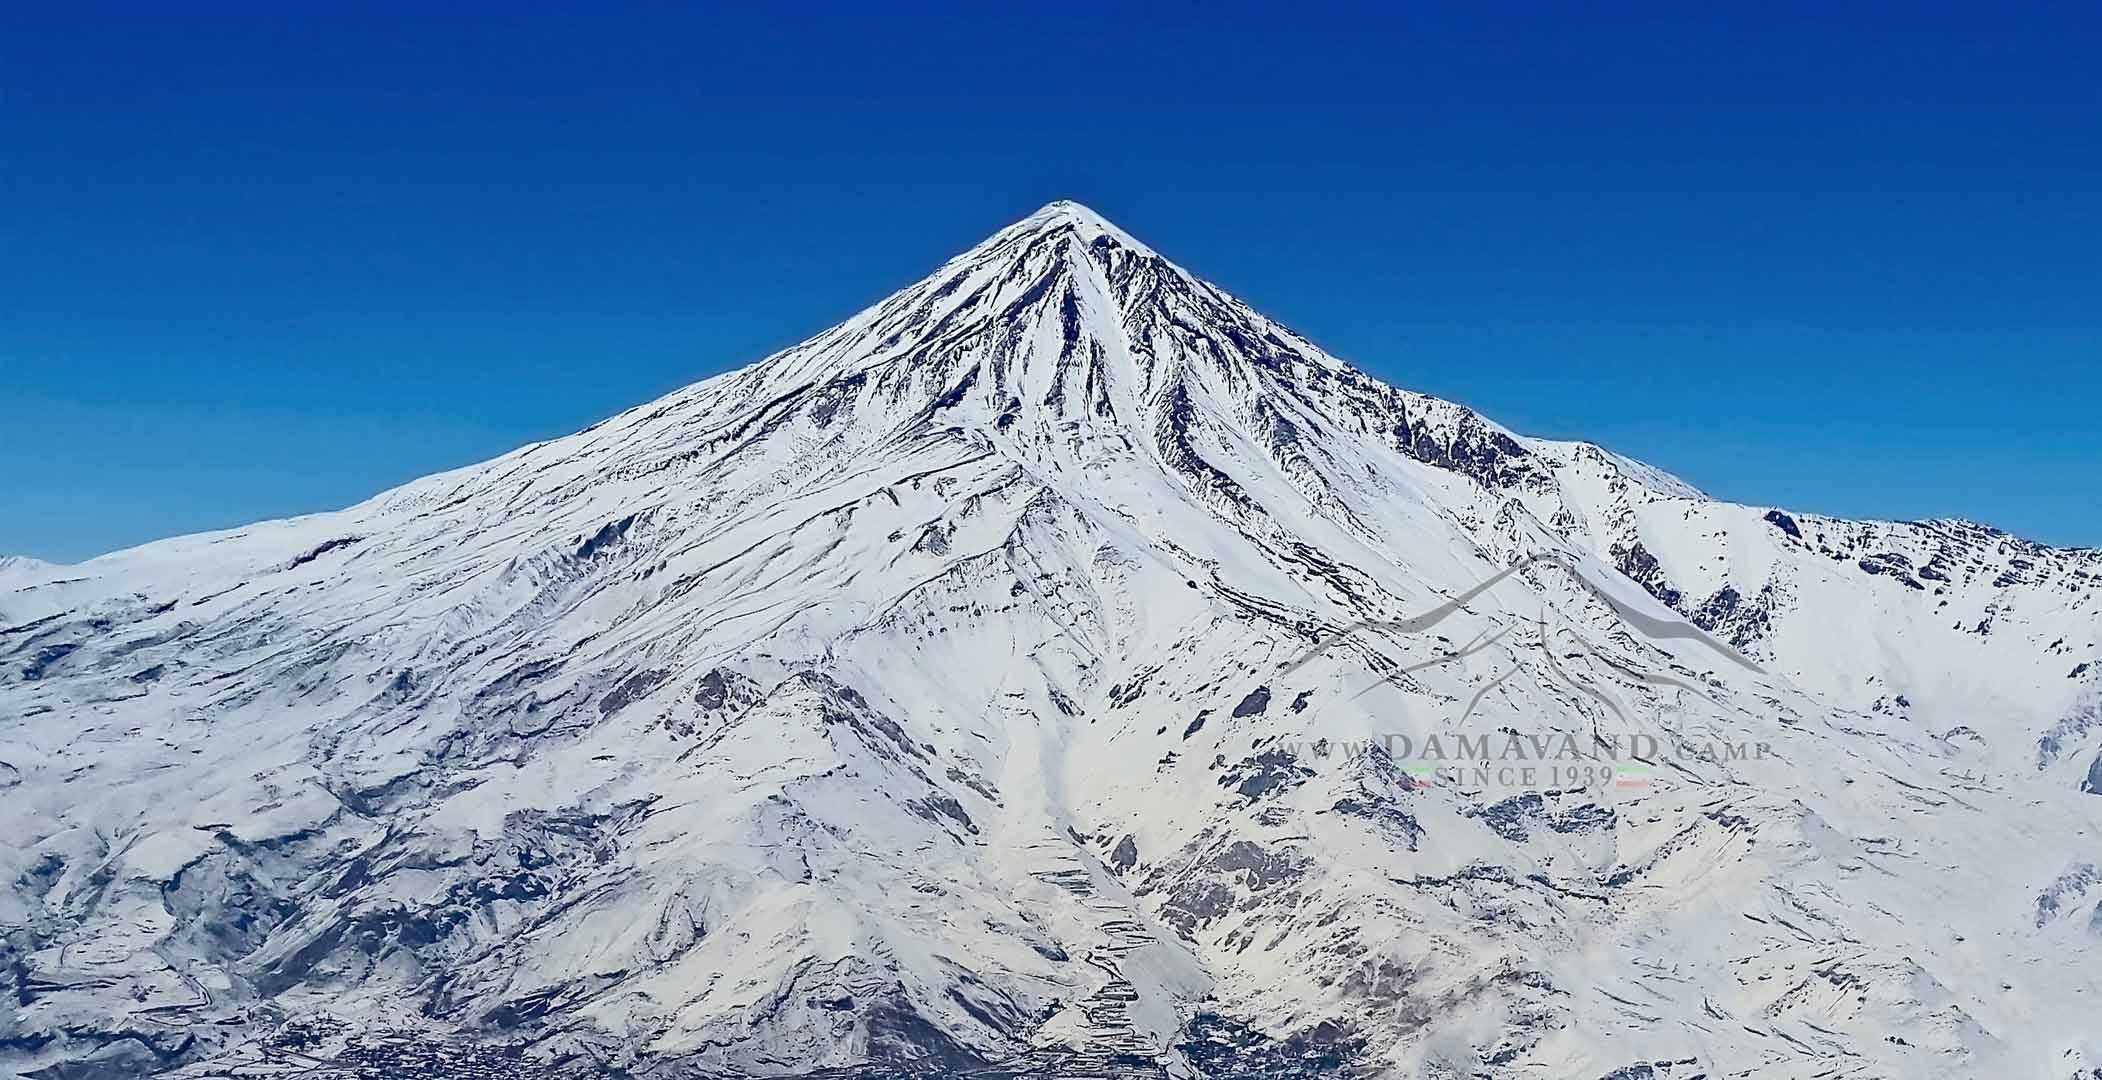 Winter View of Mount Damavand